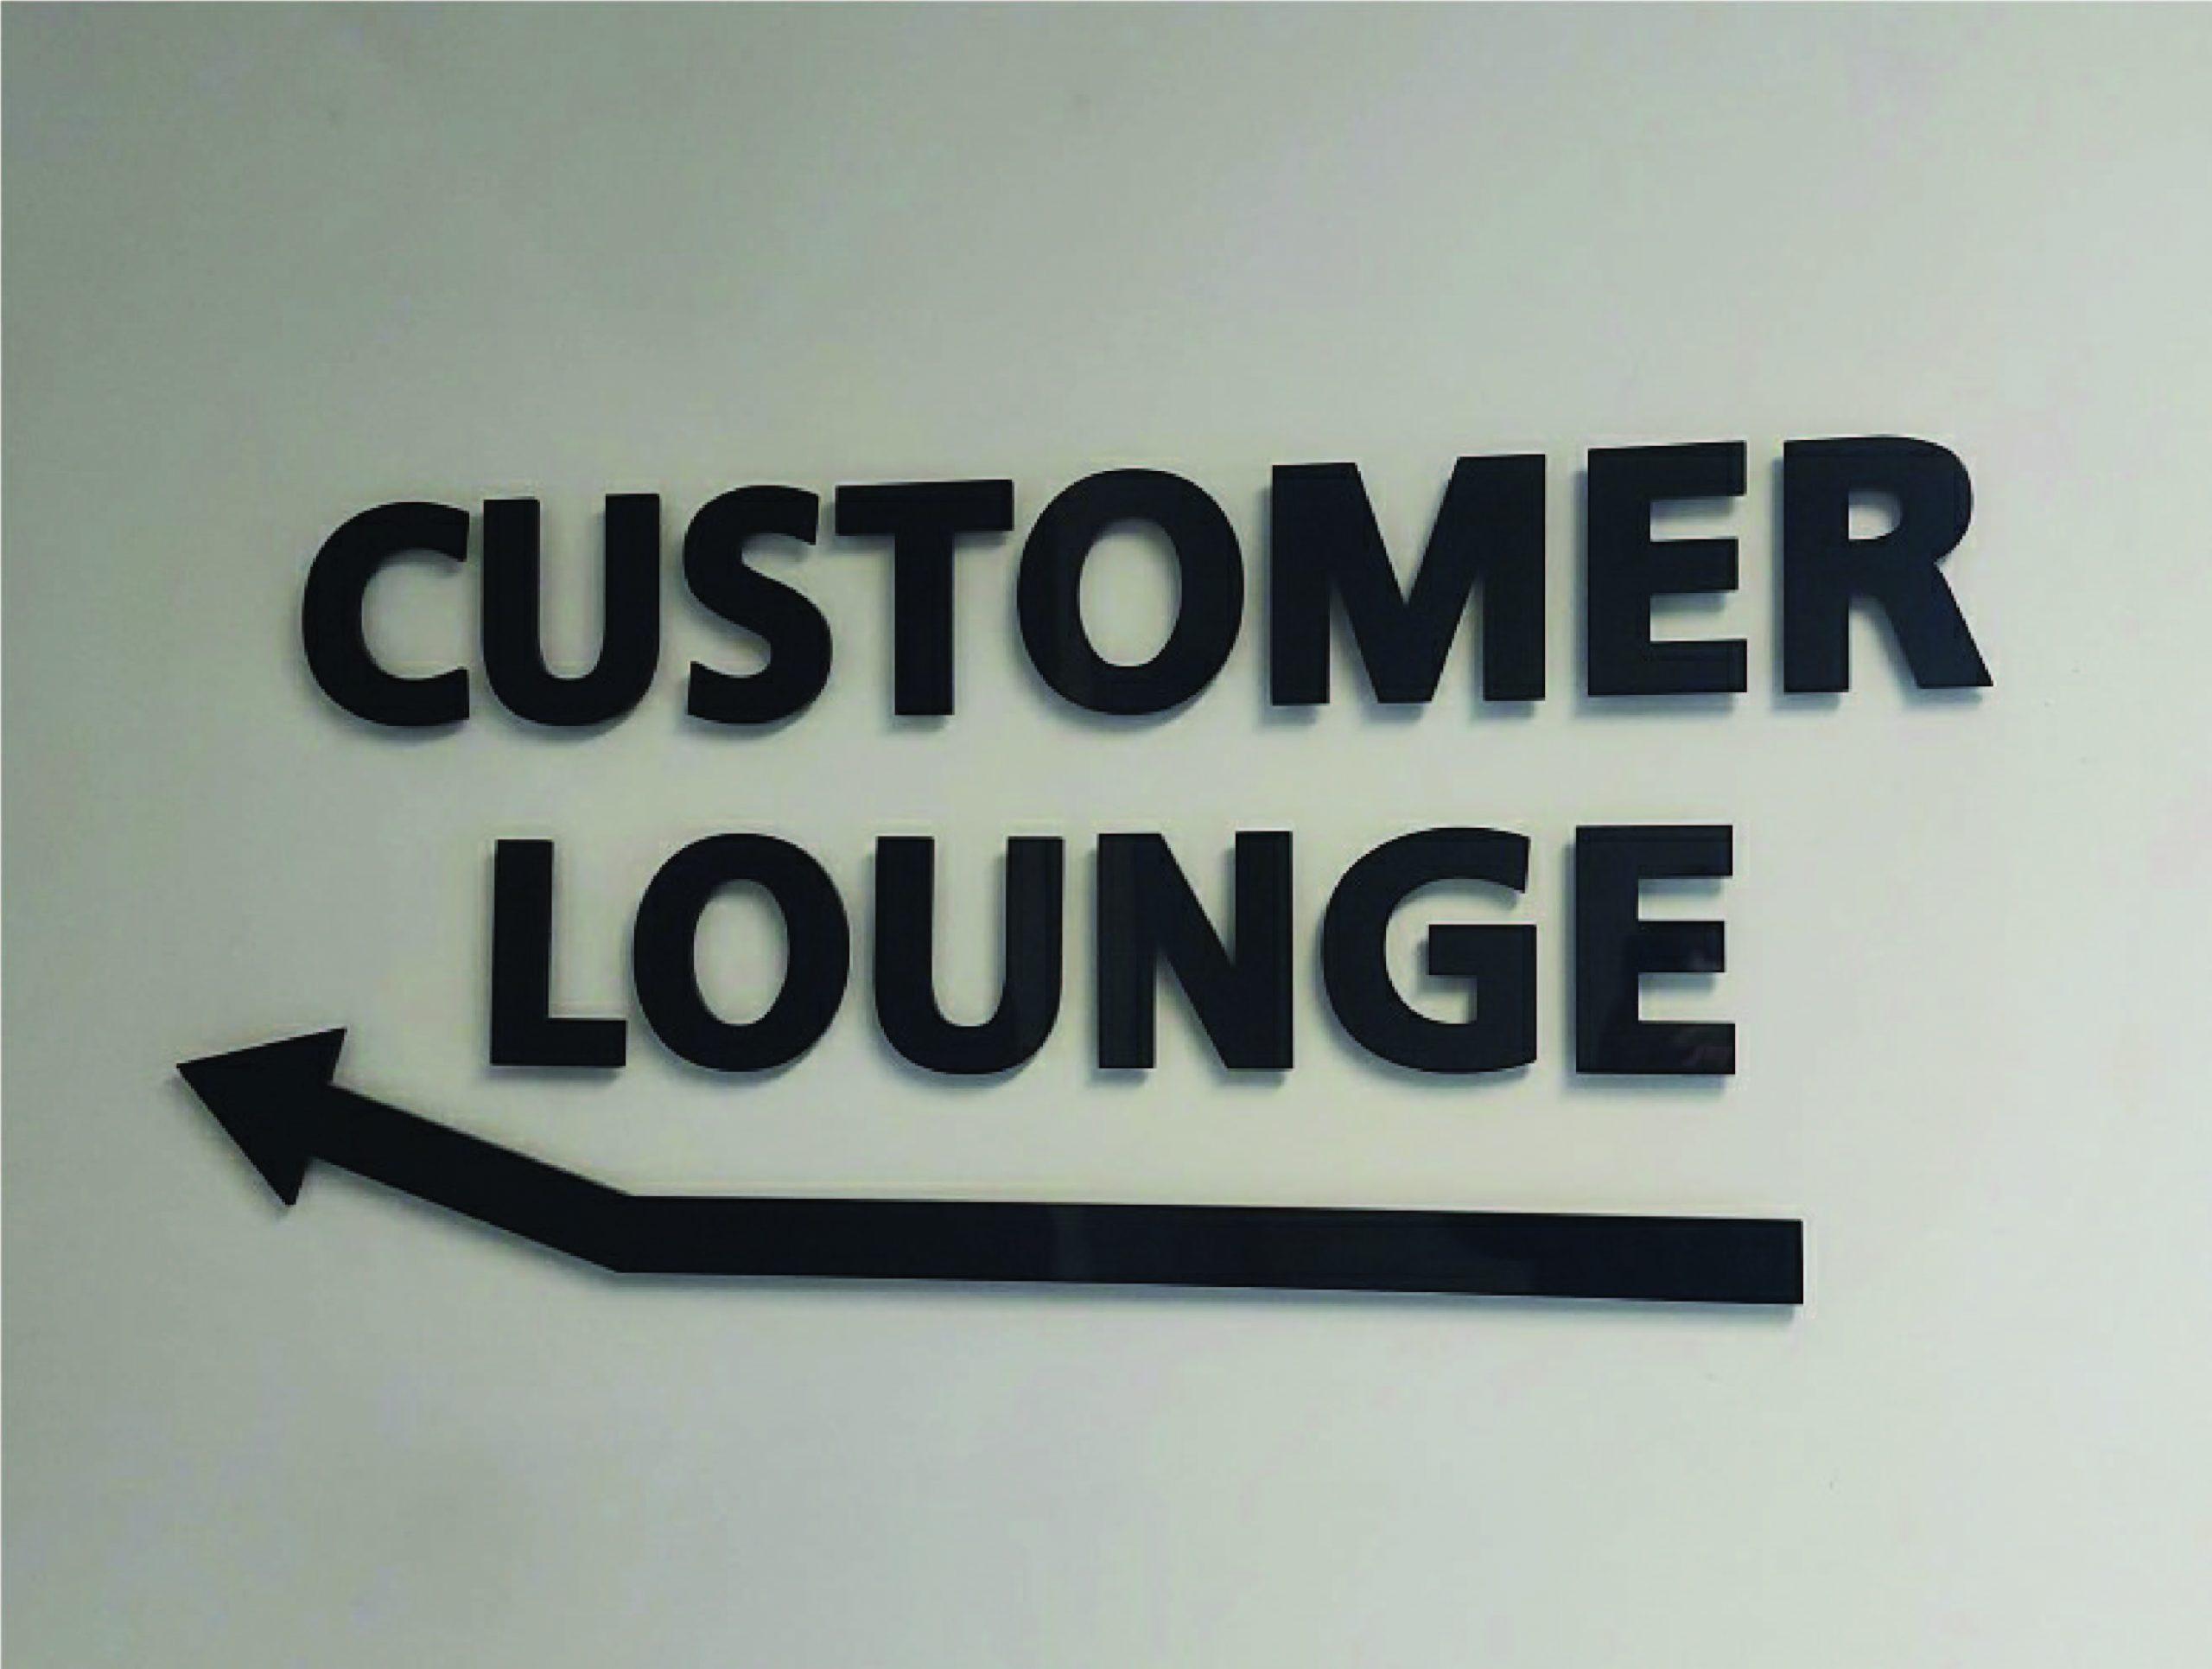 Customers Lounge